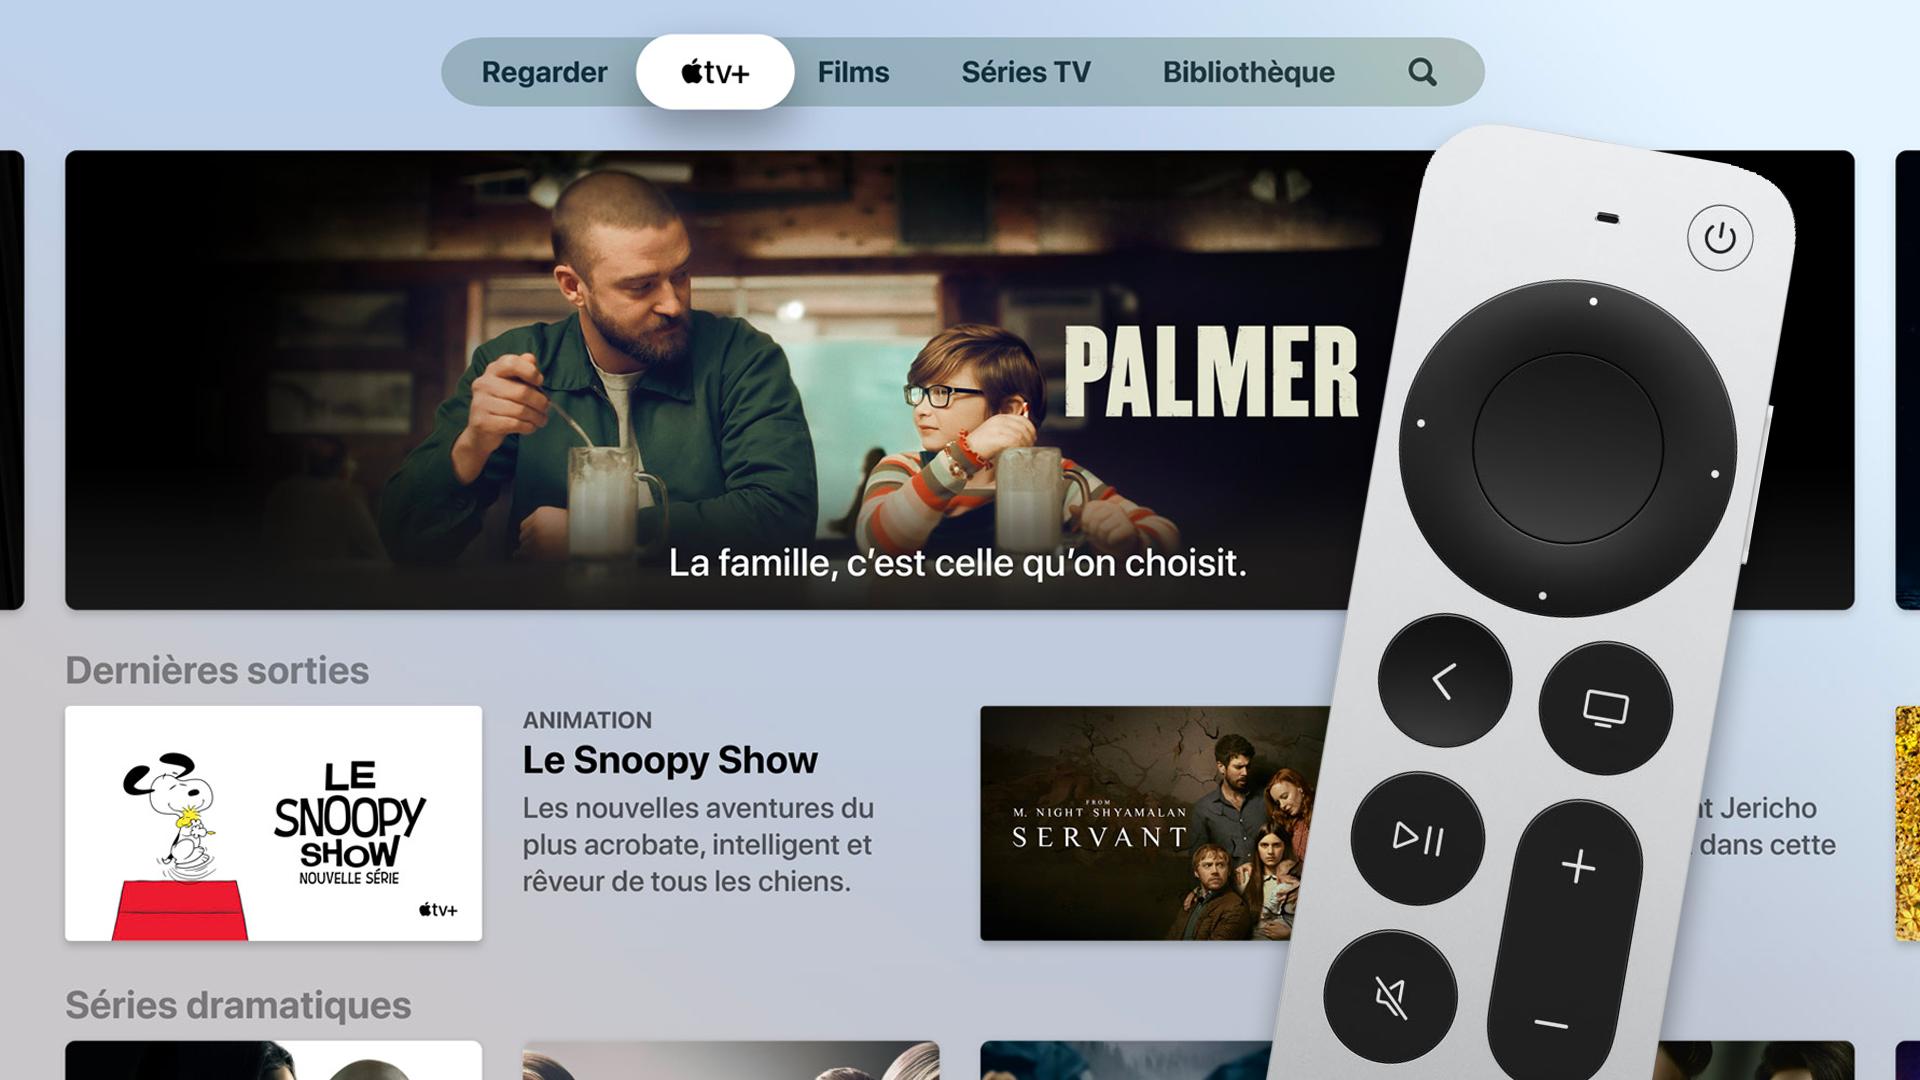 Nouveautés • iPad Pro, AirTags, Apple TV et iPhone